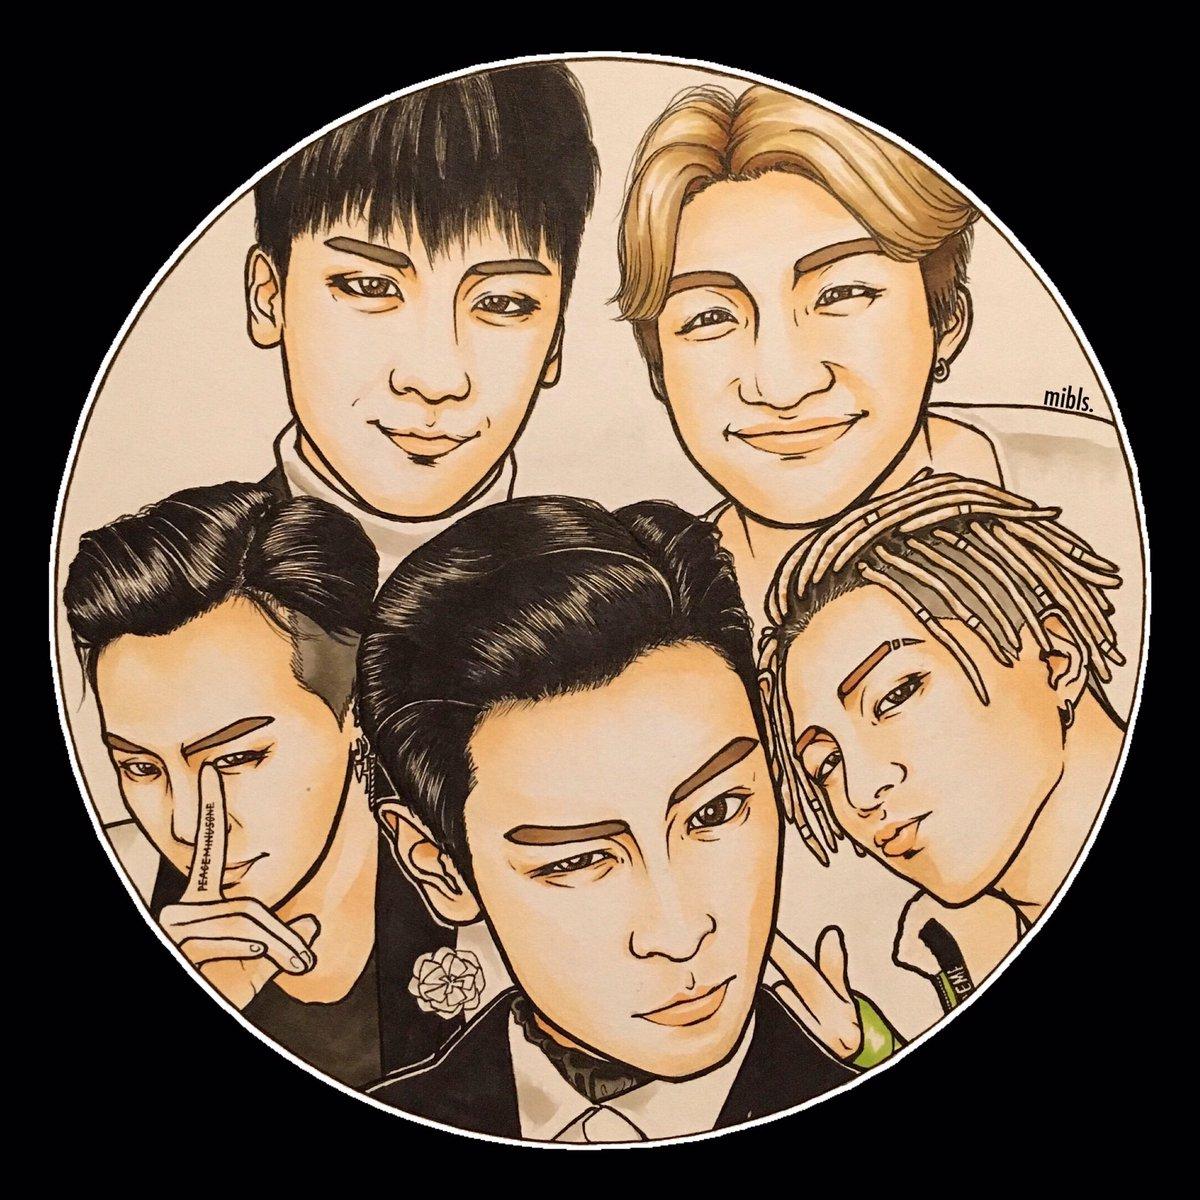 タプさん行ってらっしゃい😊✨ #BIGBANG  @IBGDRGN  @Realtaeyang ✨